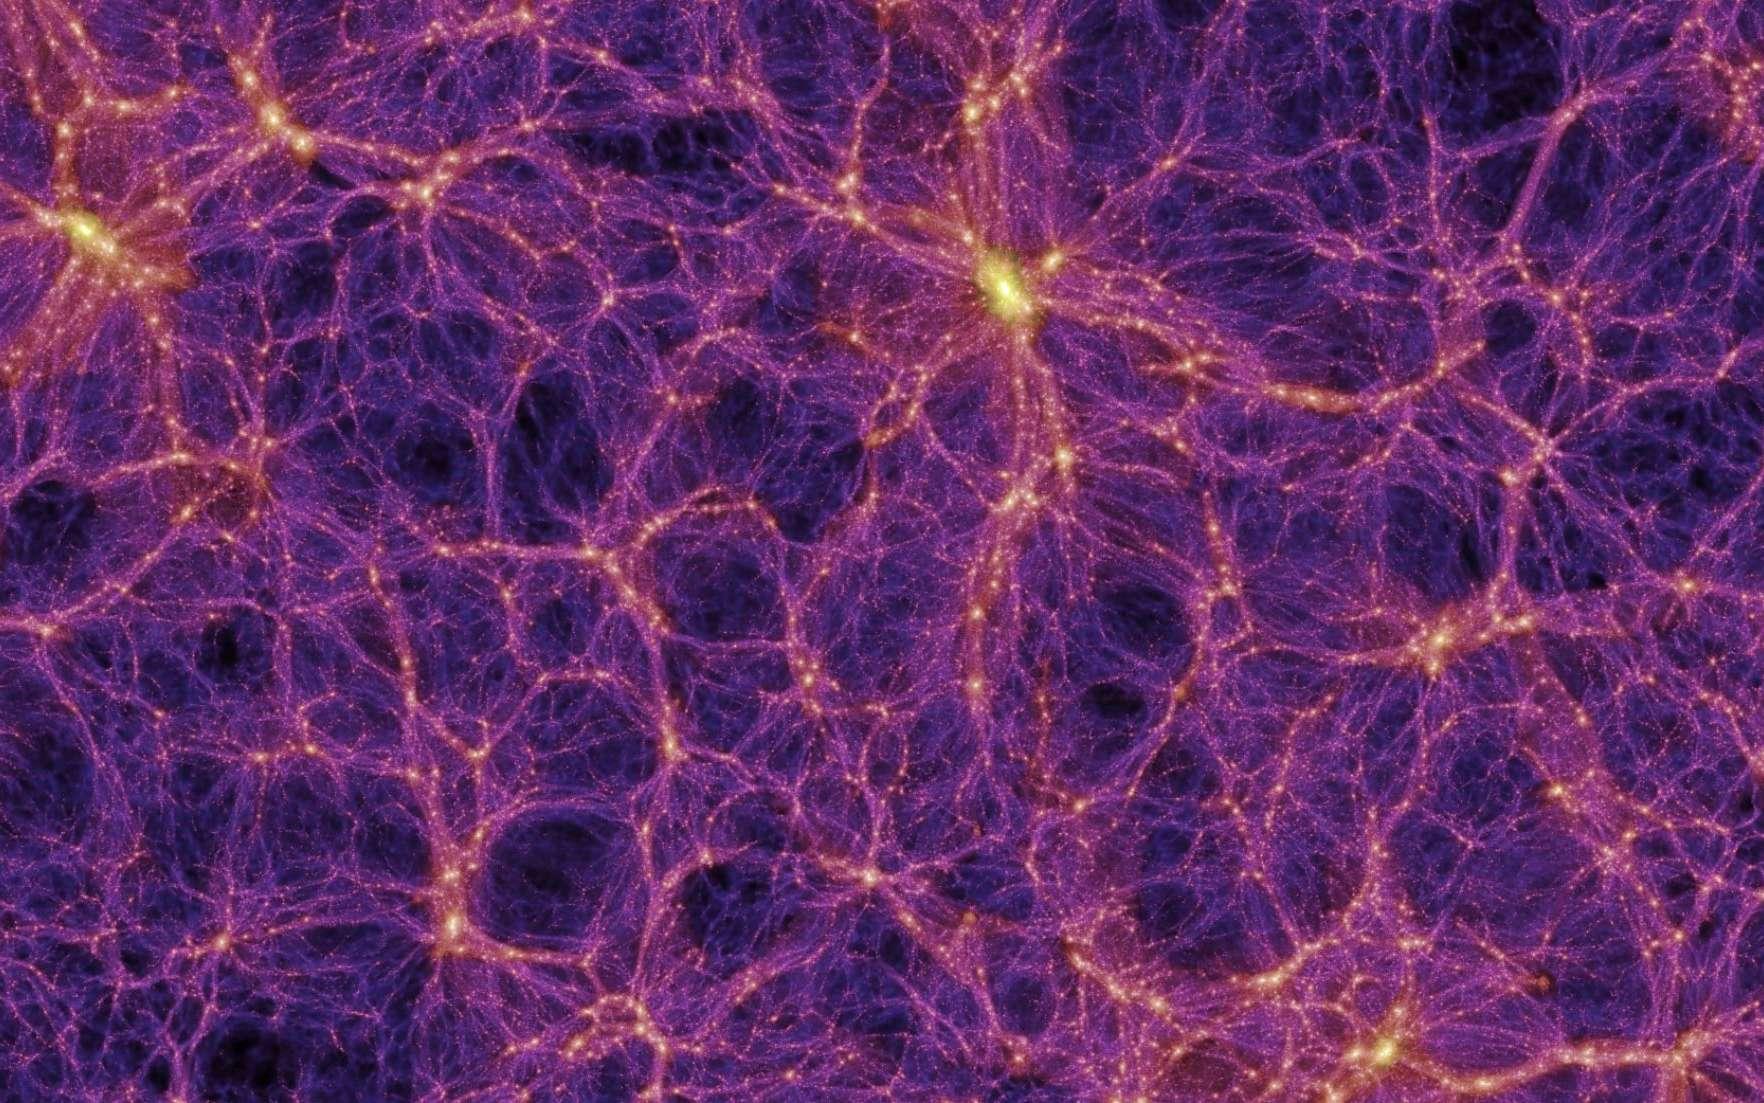 Image tirée d'une simulation de l'univers. Gigantesque toile cosmique tissée d'amas et de superamas de galaxies. Entre les filaments galactiques, on peut observer de grands vides. © Max Planck Institute for Astrophysics